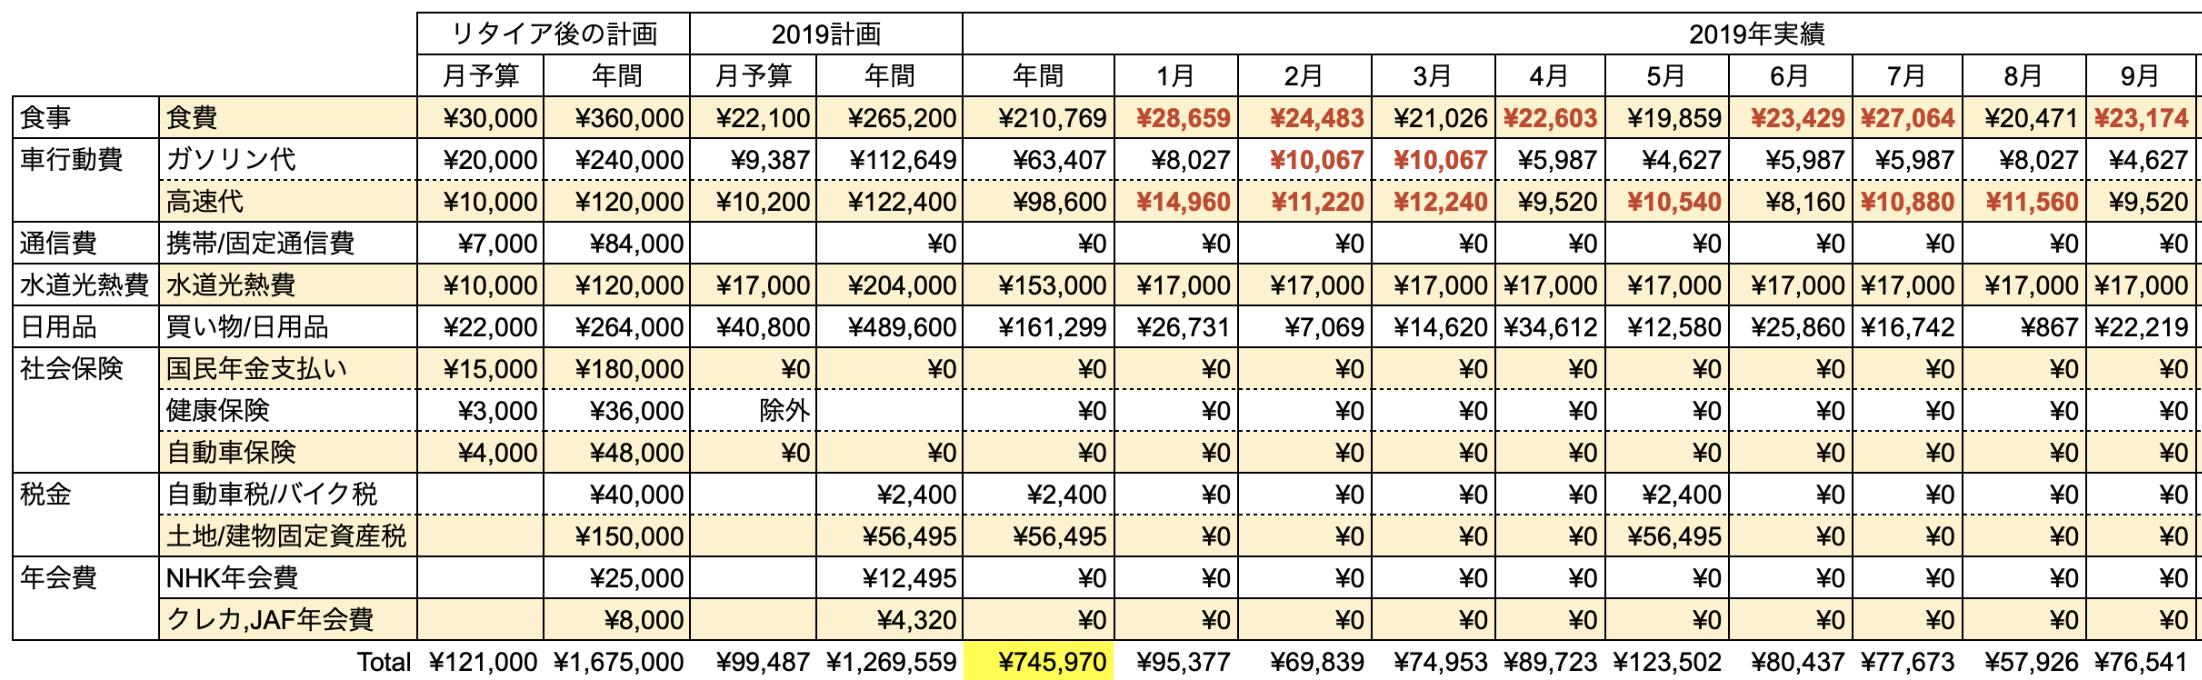 支出実績2019_09月_生活費